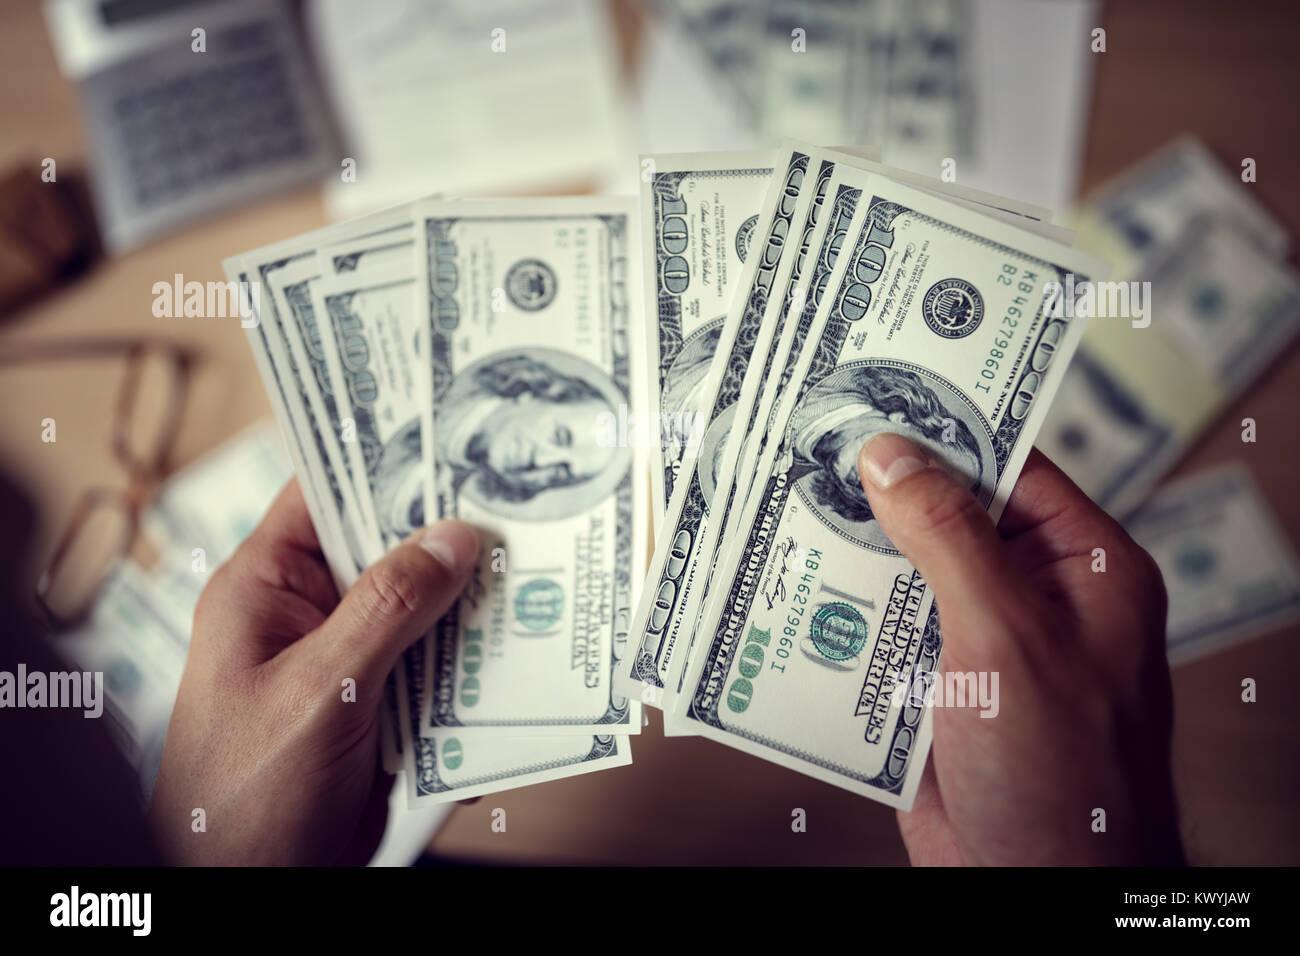 Business Mann zählen Einsparungen oder Bezahlung Geld mit Taschenrechner Stockfoto